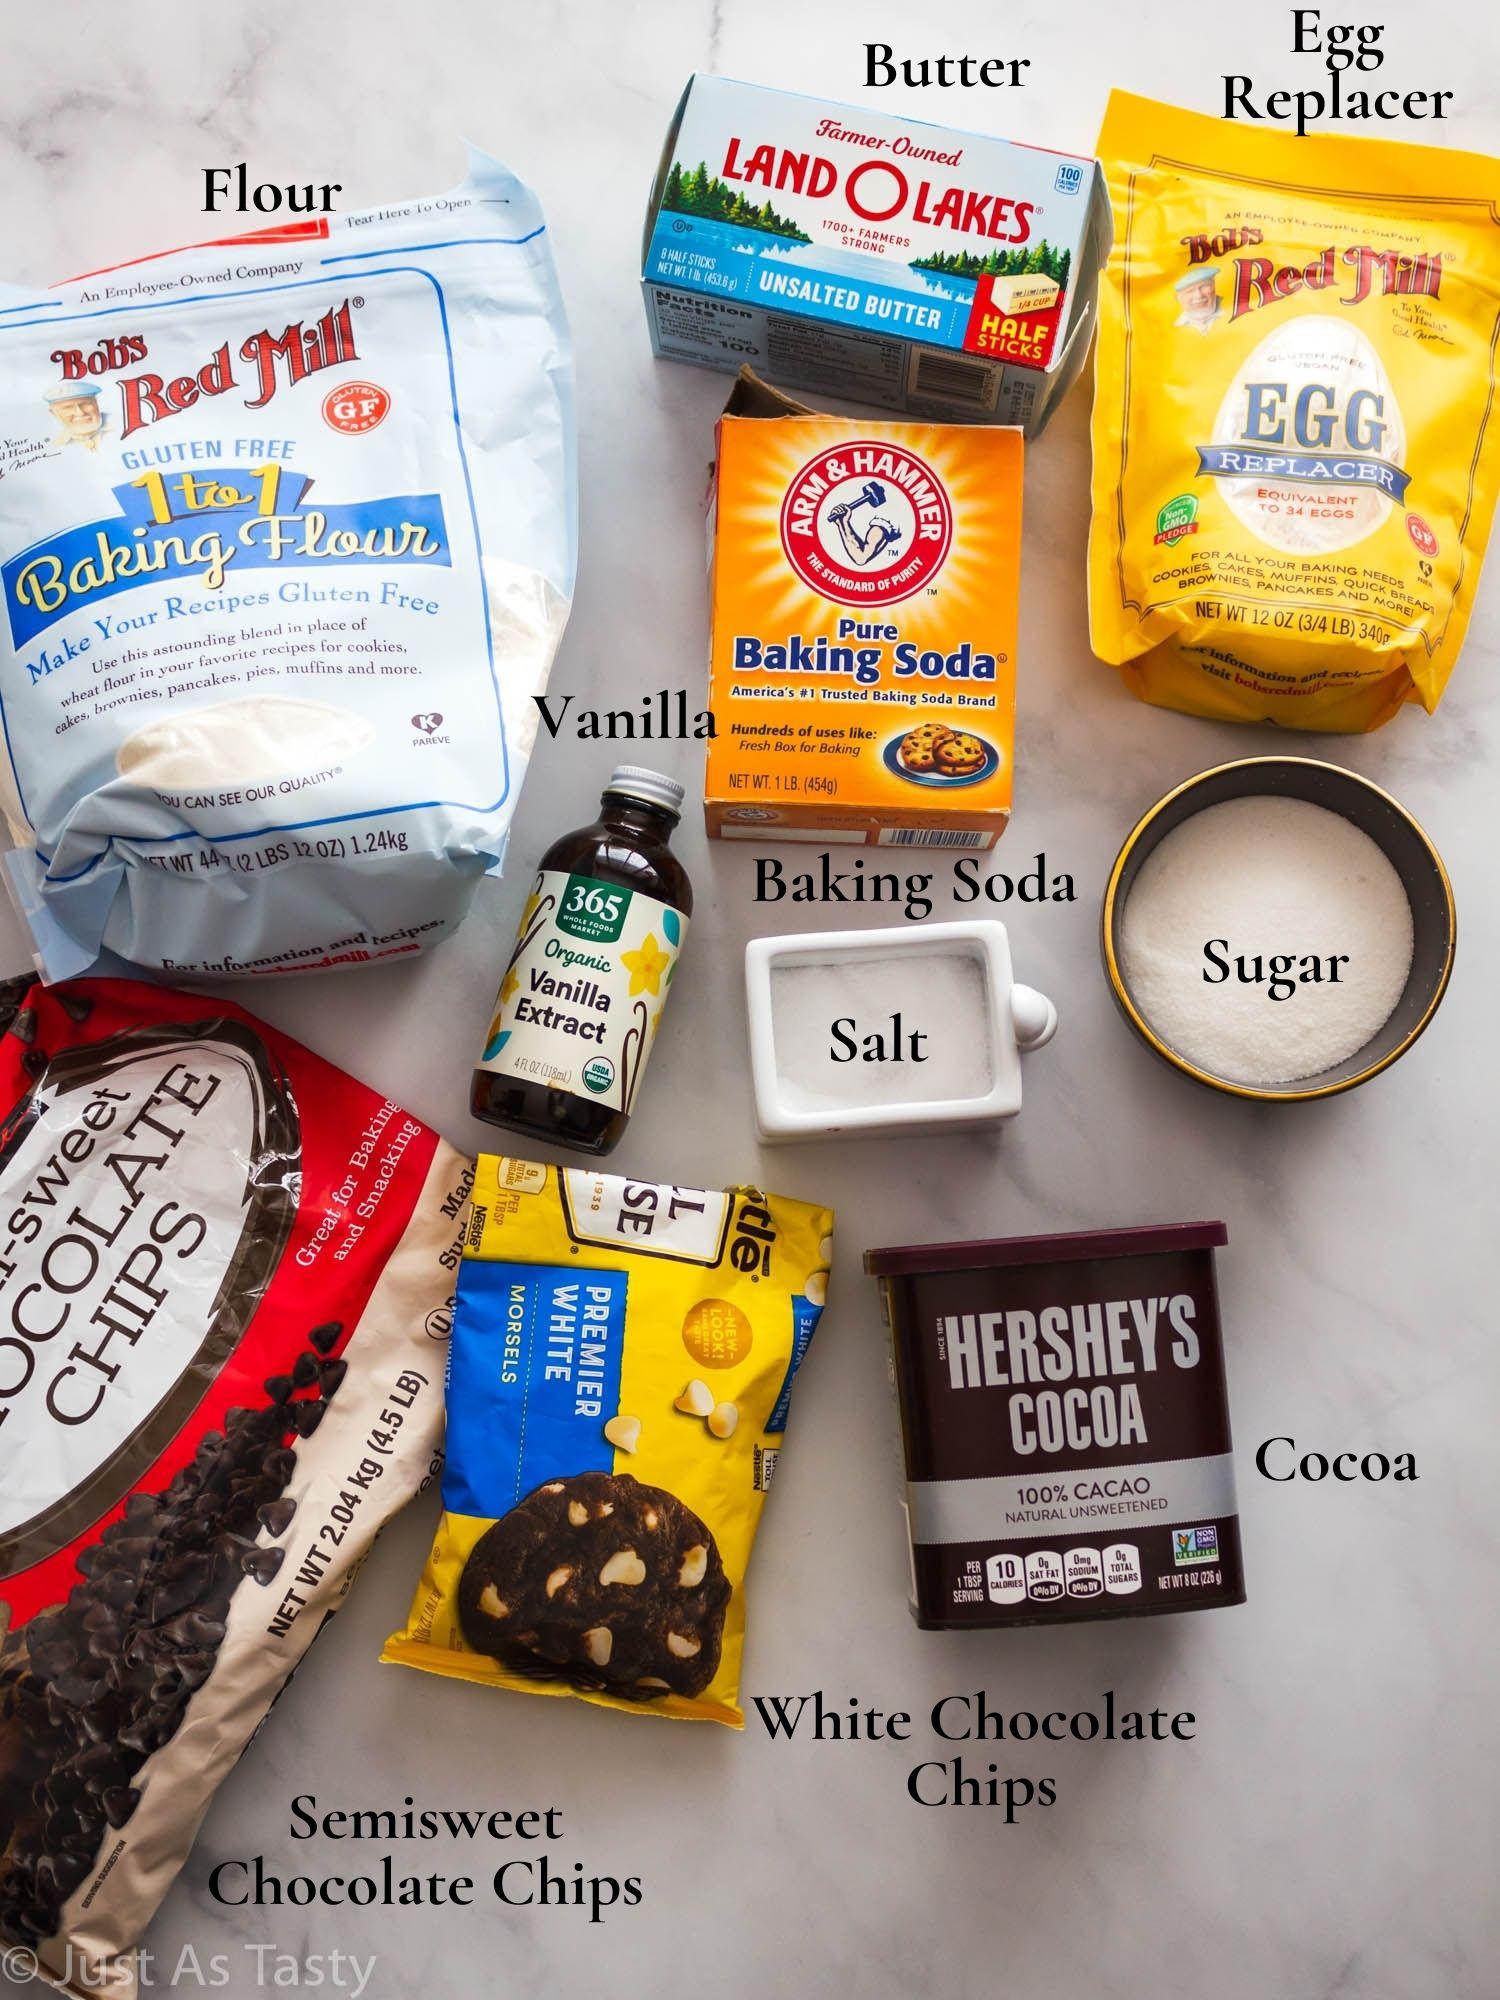 Triple chocolate cookie ingredients.